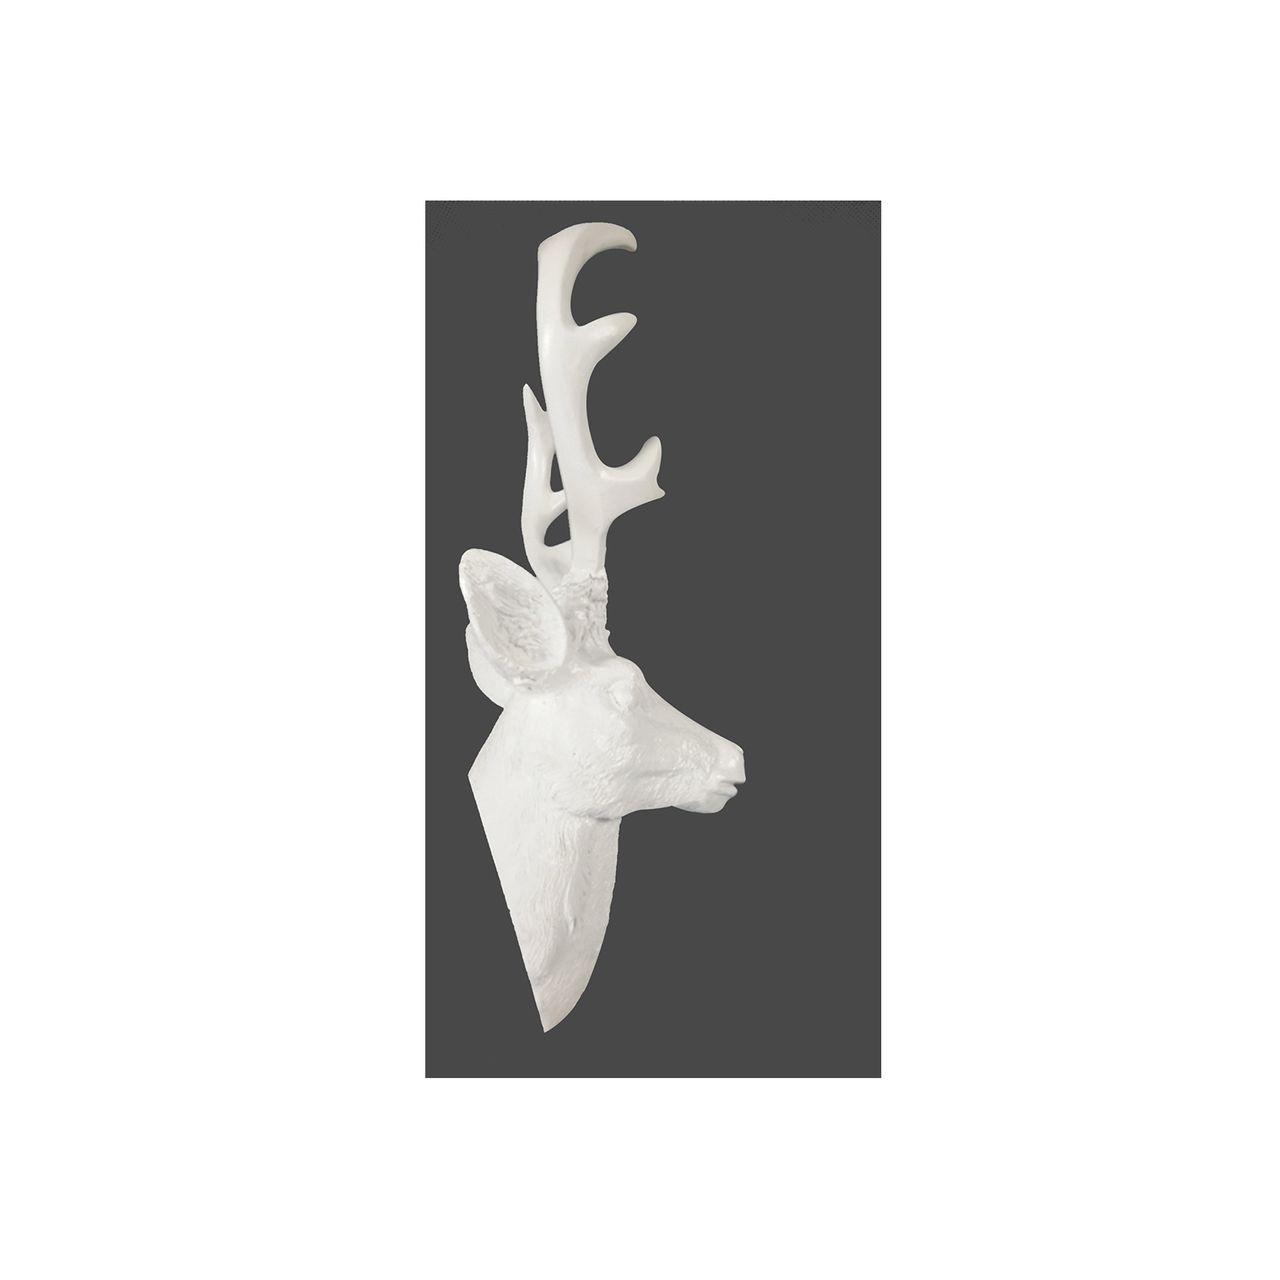 hirsch geweih 10 ender in wei hirschkopf wand deko jagd geweih 30 x 40 cm ebay. Black Bedroom Furniture Sets. Home Design Ideas